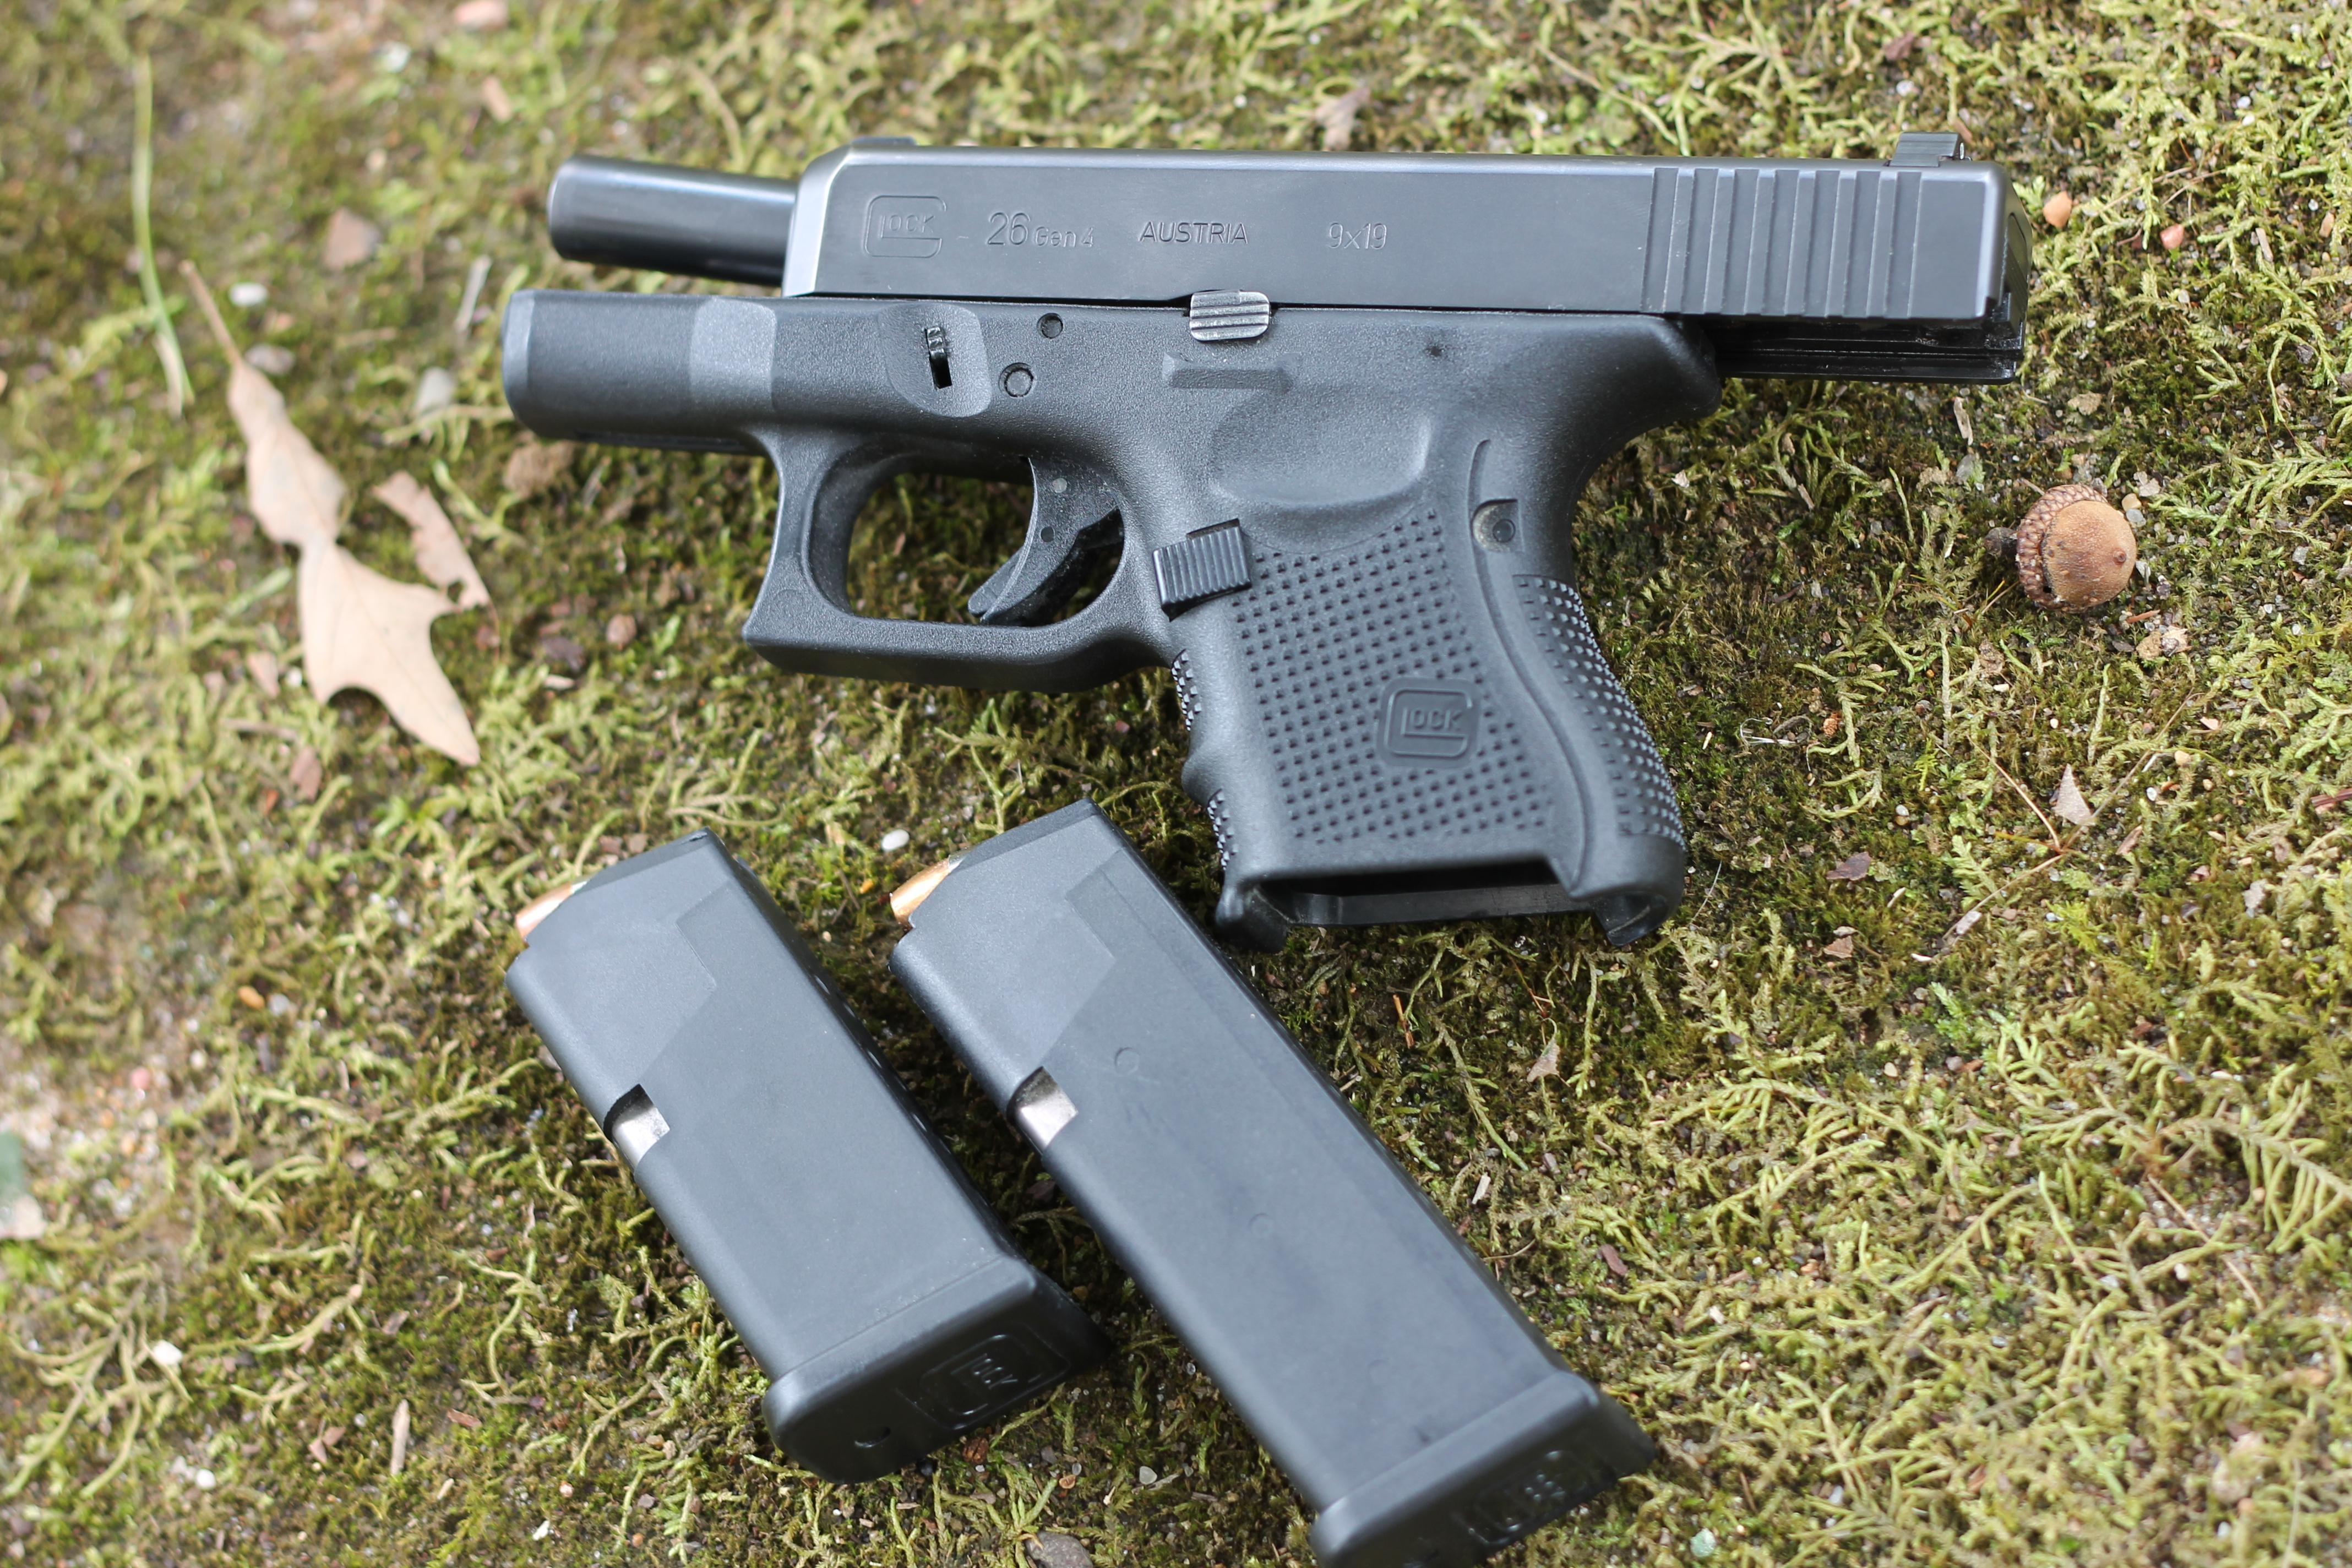 Glock 26 Gen 4 Concealed Carry Handgun Review